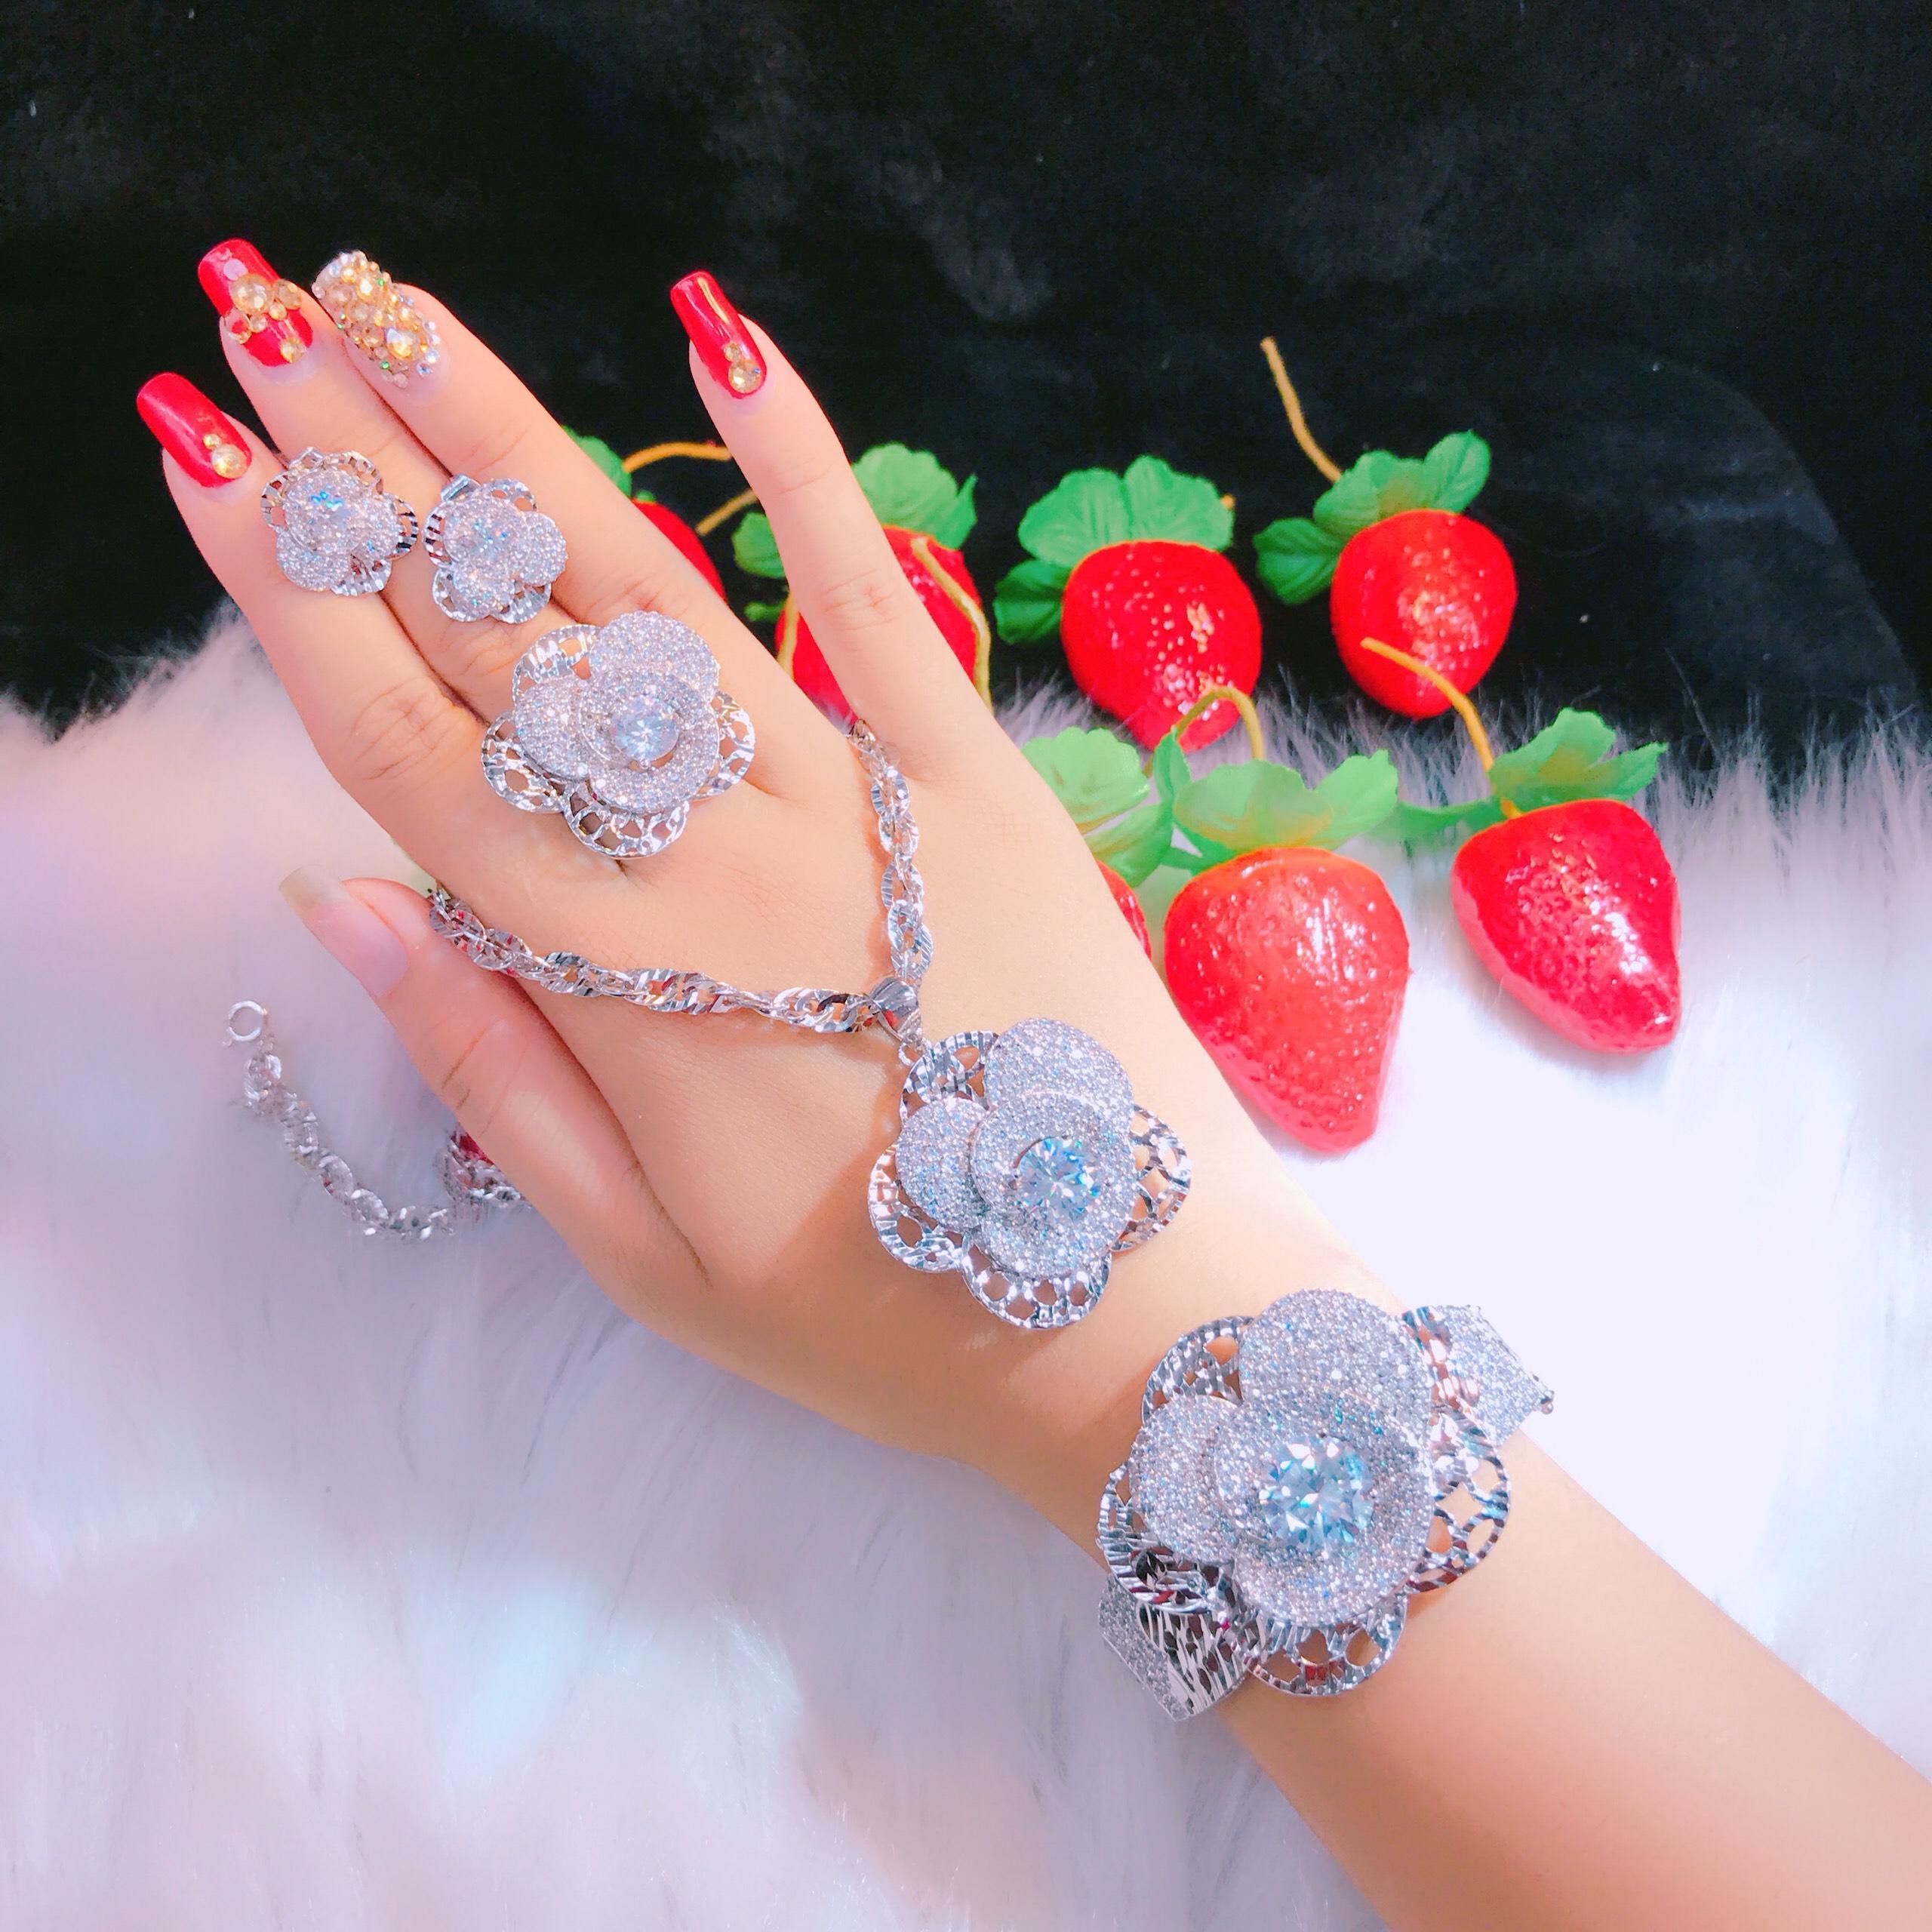 Bộ Trang Sức Cao Cấp, Hoa Cẩm chướng - Givishop - B40707139 , Bền Màu, Sáng Như Vàng Thật, Bạc Thật. Chất Liệu Bạc Thái, Không Đen, Không Ngứa - Thiết Kế Đi Tiệc,  bộ trang sức bạc cao cấp, bộ trang sức bạc đẹp, bộ trang sức bạc Givi